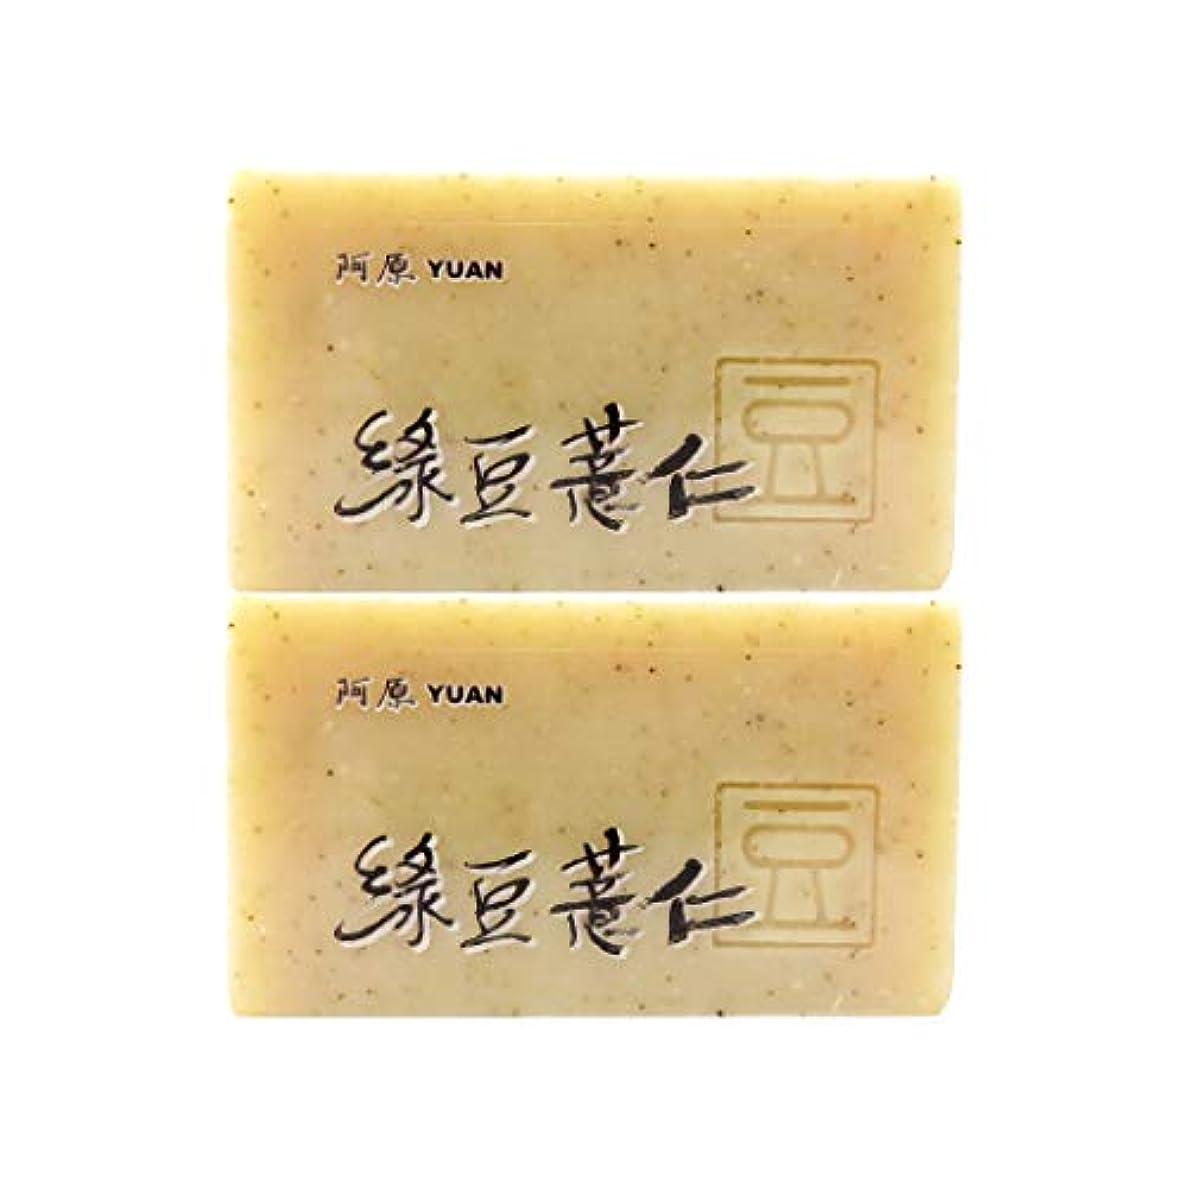 収縮紳士気取りの、きざな処方するユアン(YUAN) ハトムギ+リョクトウソープ 100g (2個セット)